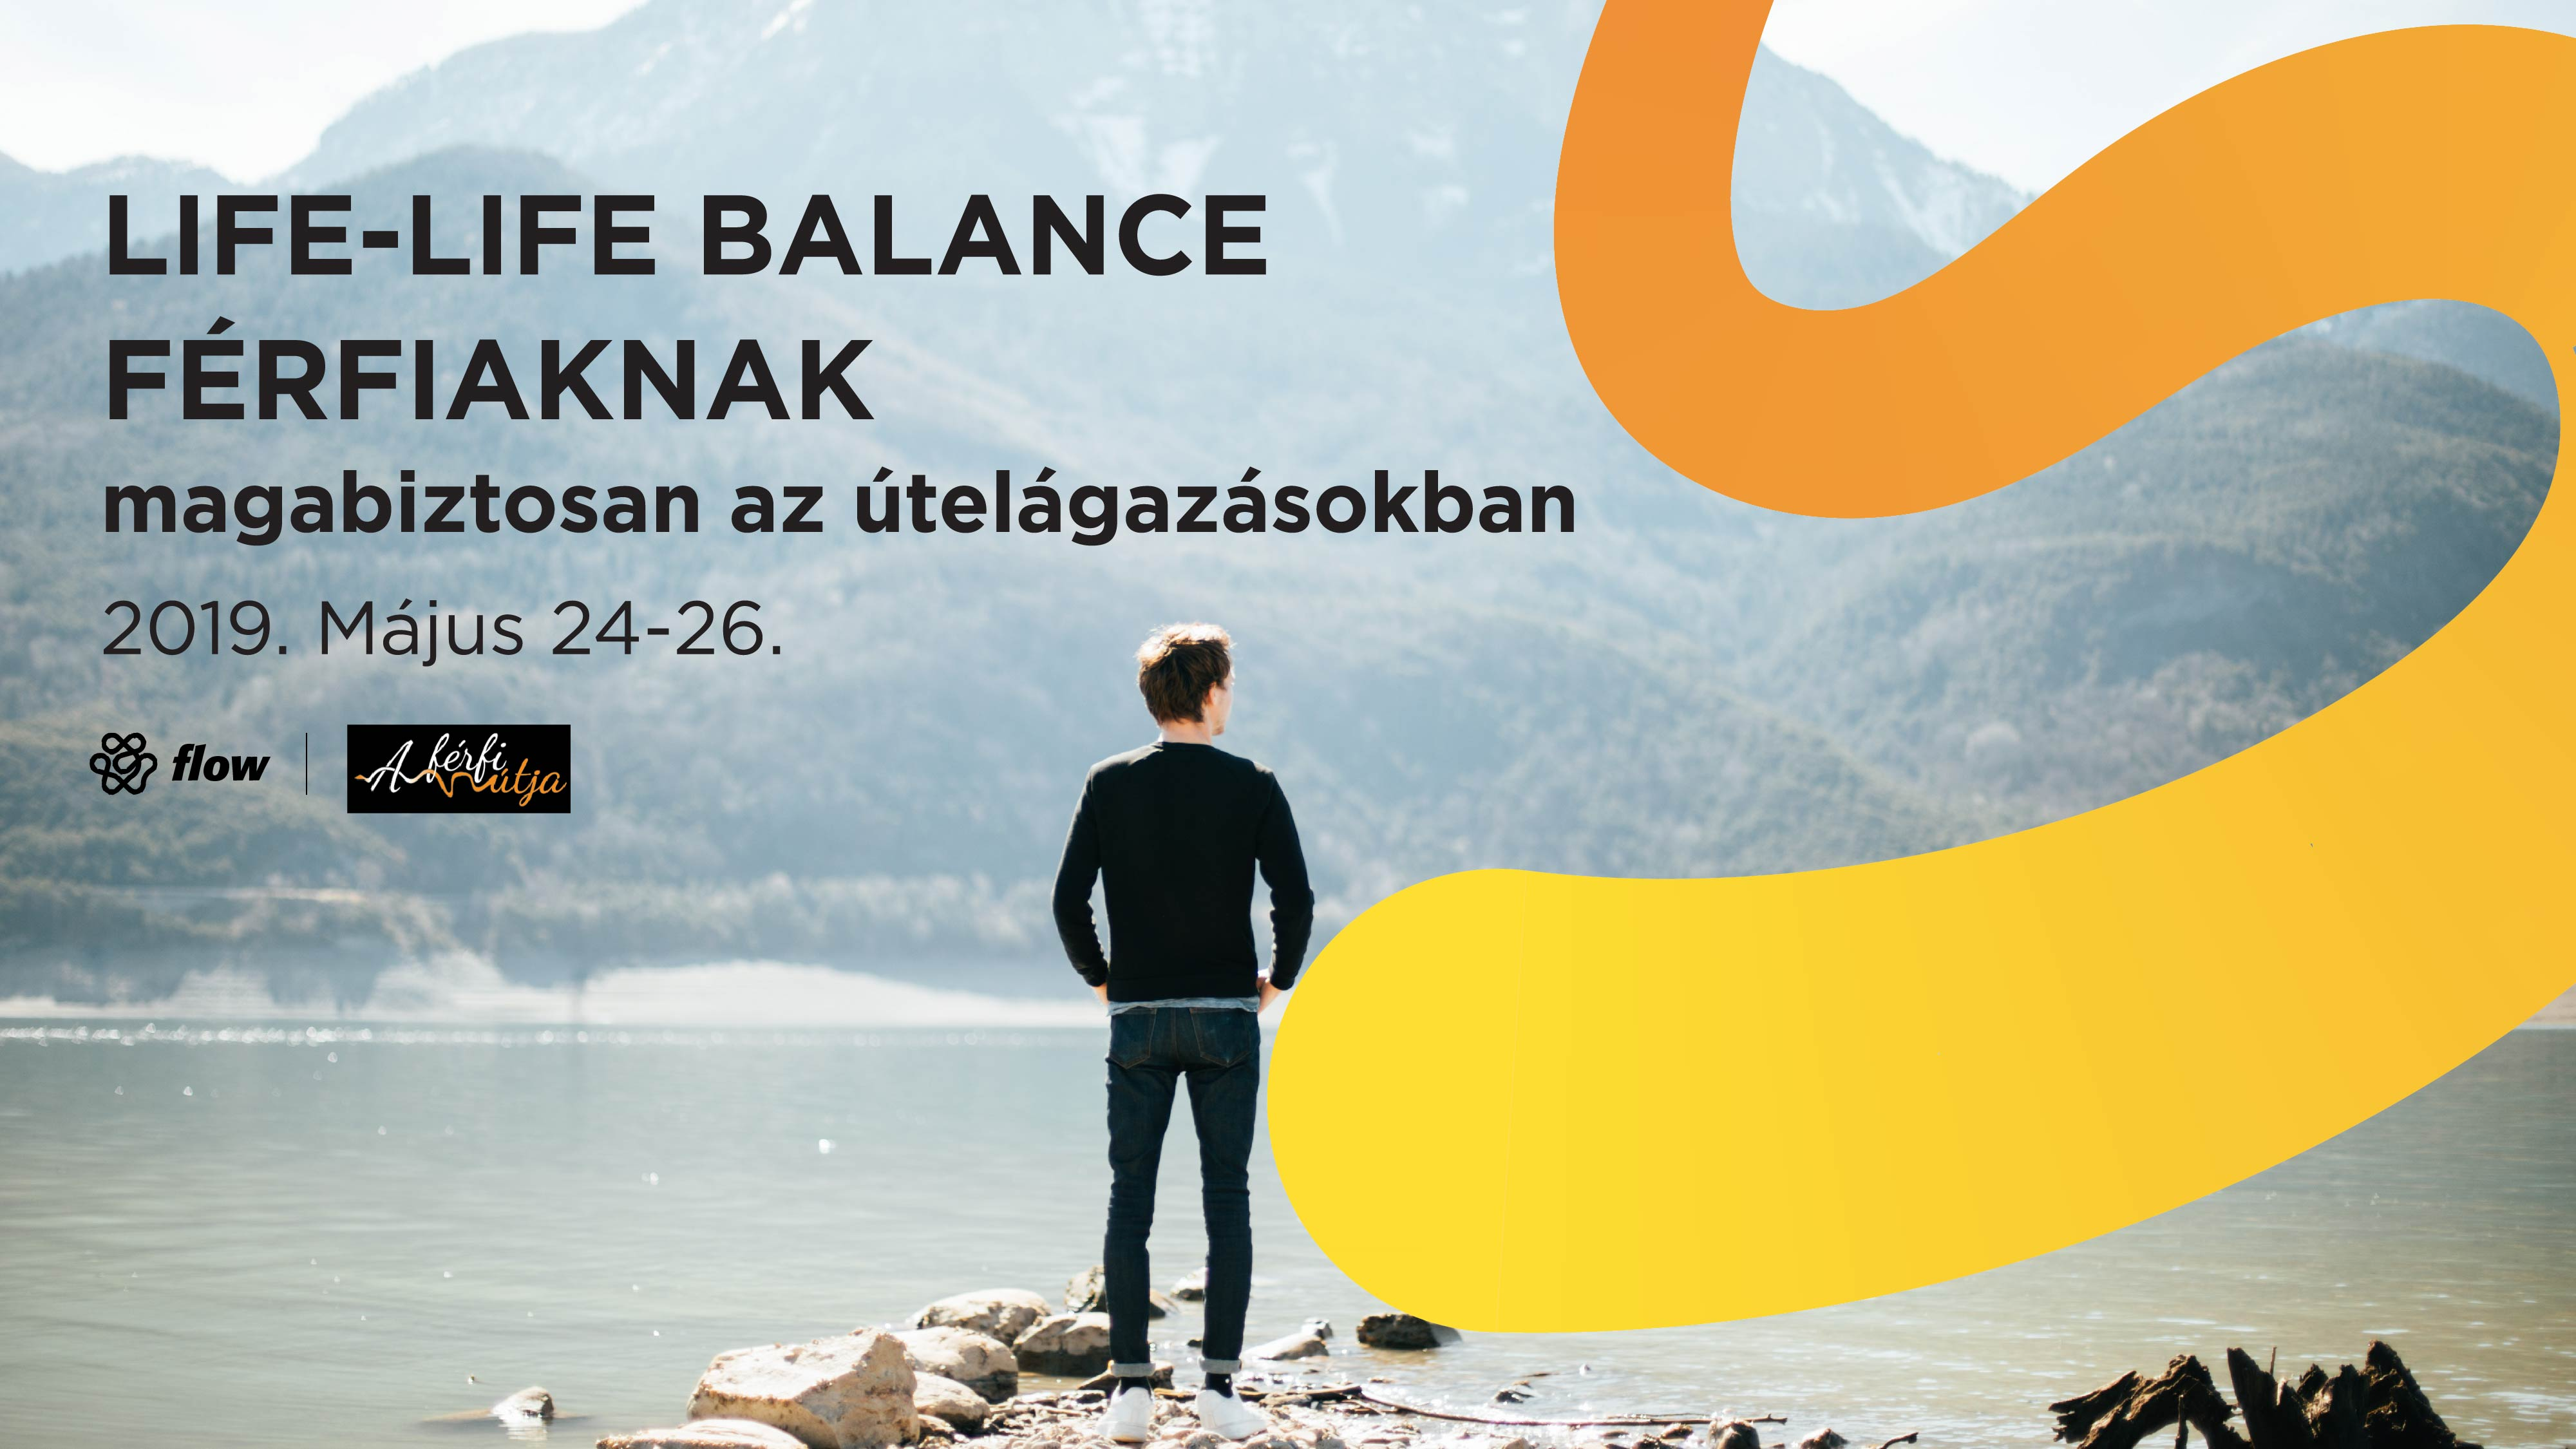 2020. tavasz: Life-life balance férfiaknak - magabiztosan az útelágazásokban